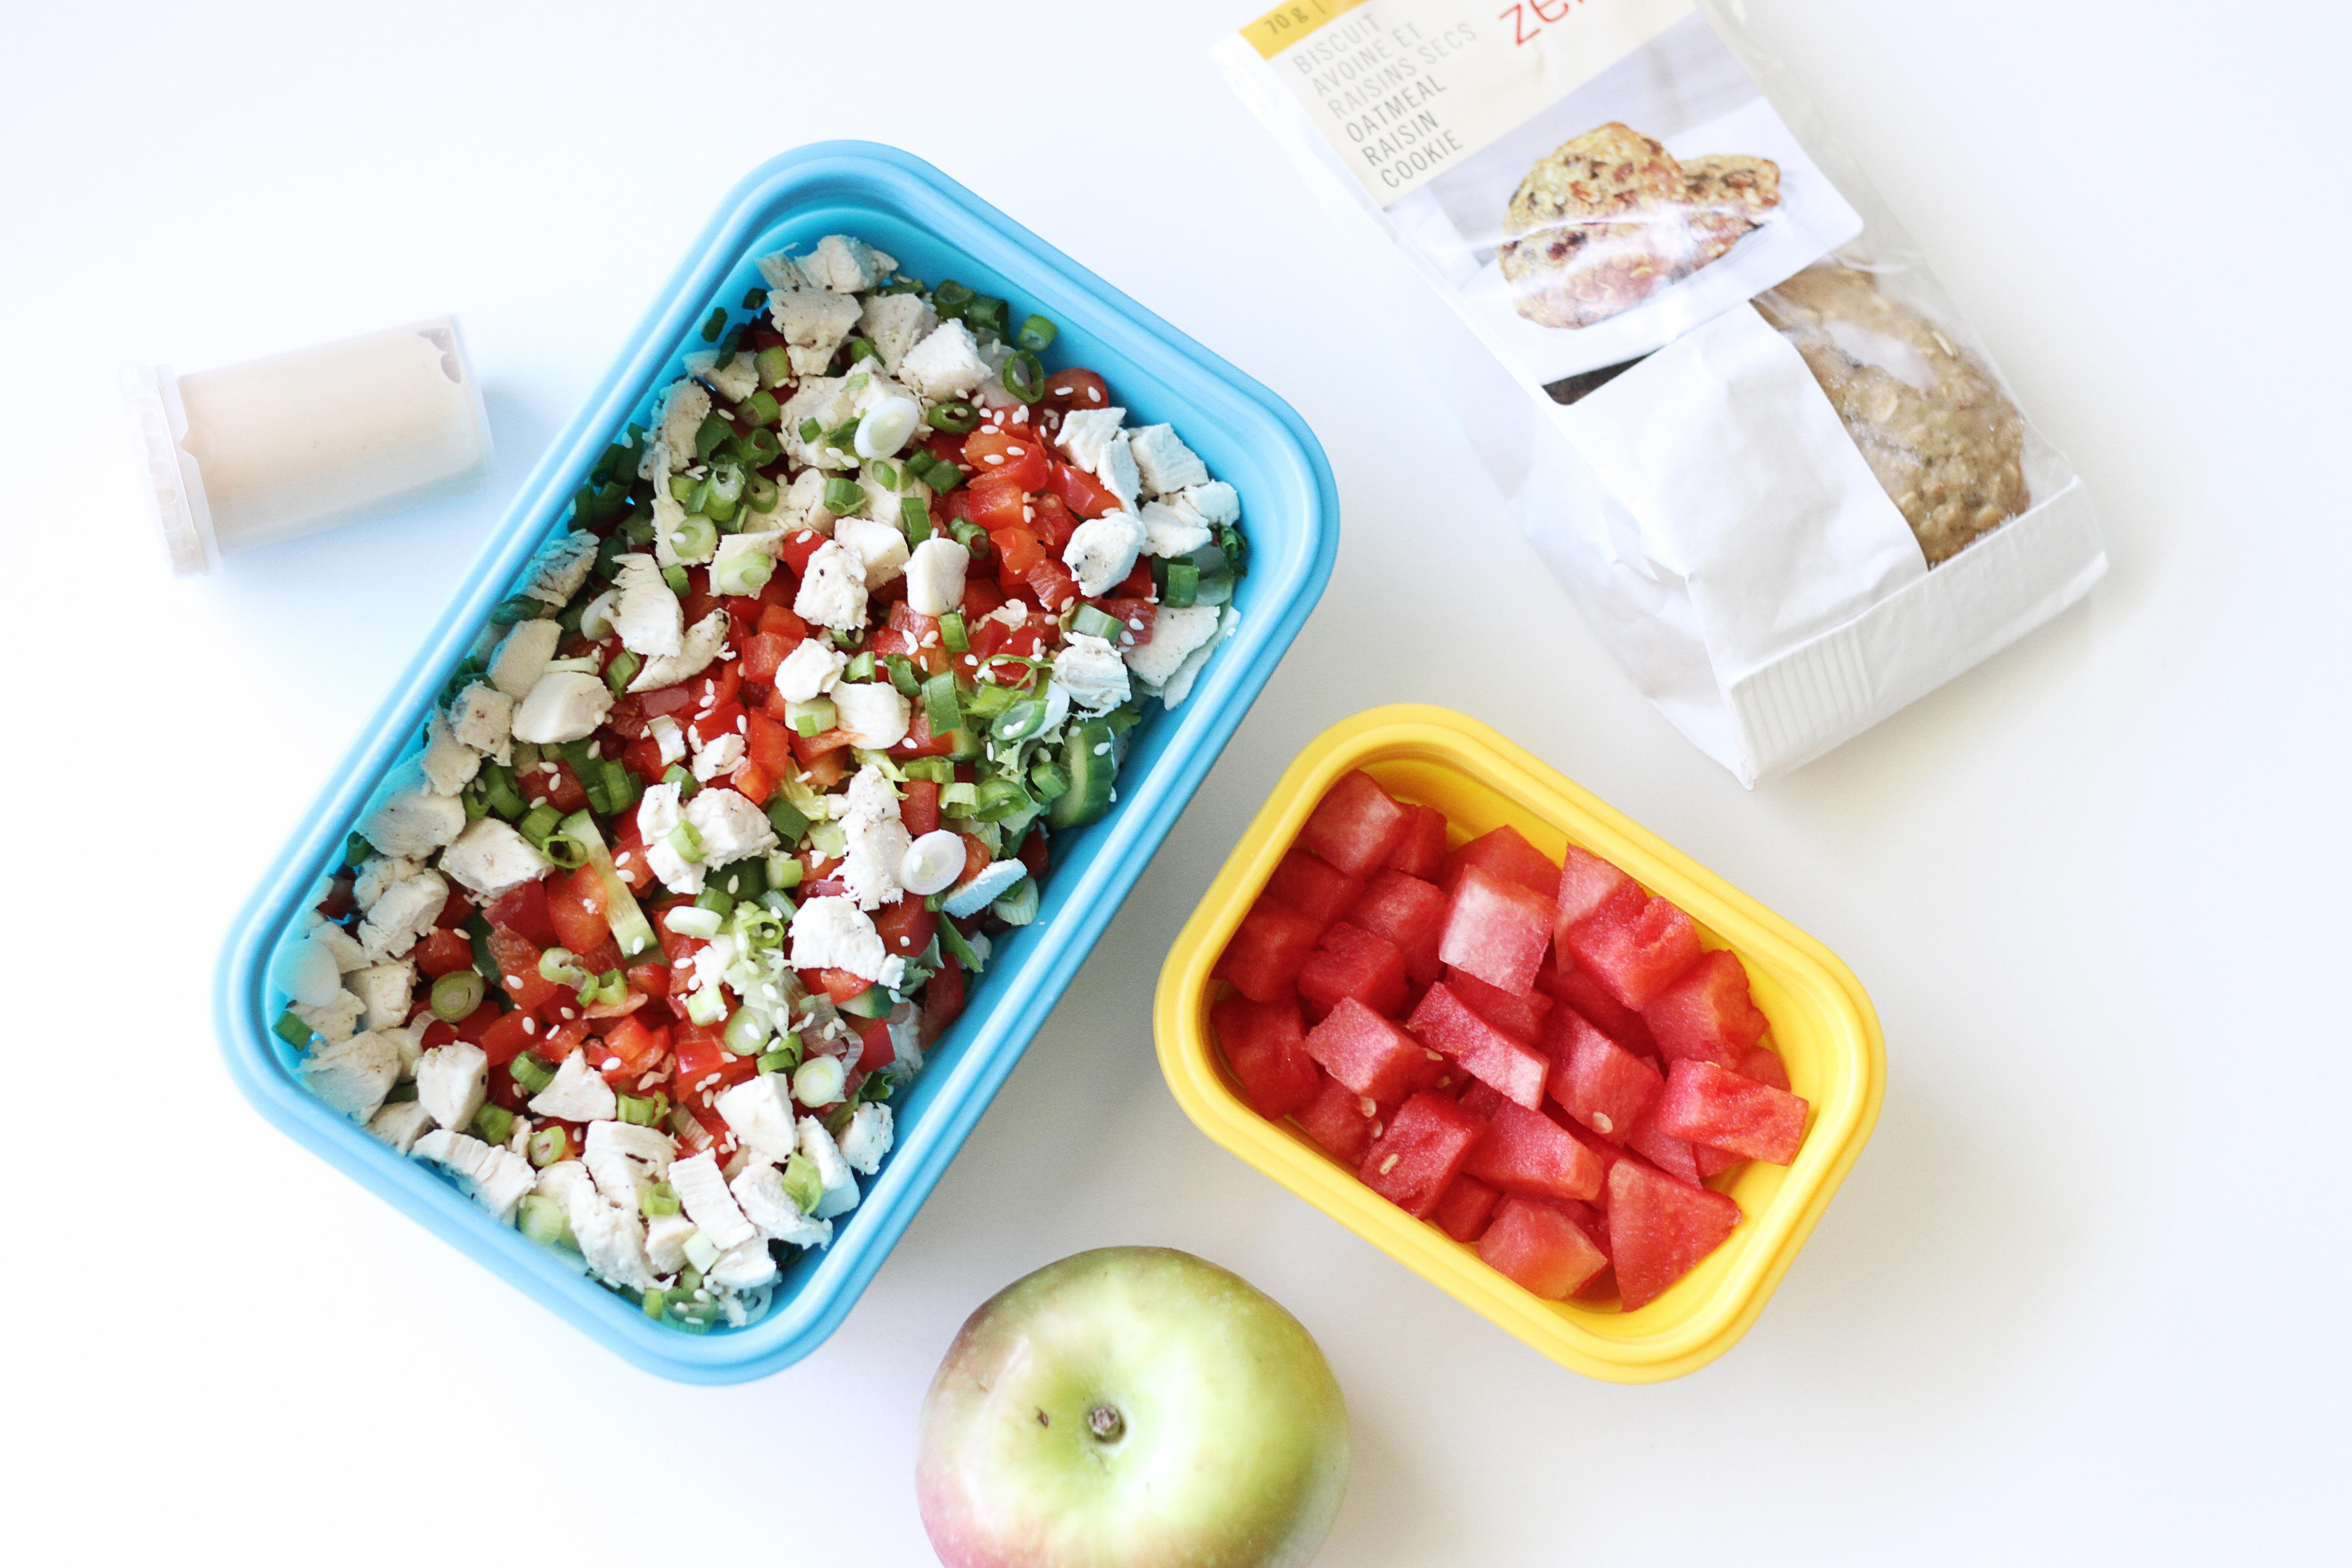 Éloge aux lunchs santé